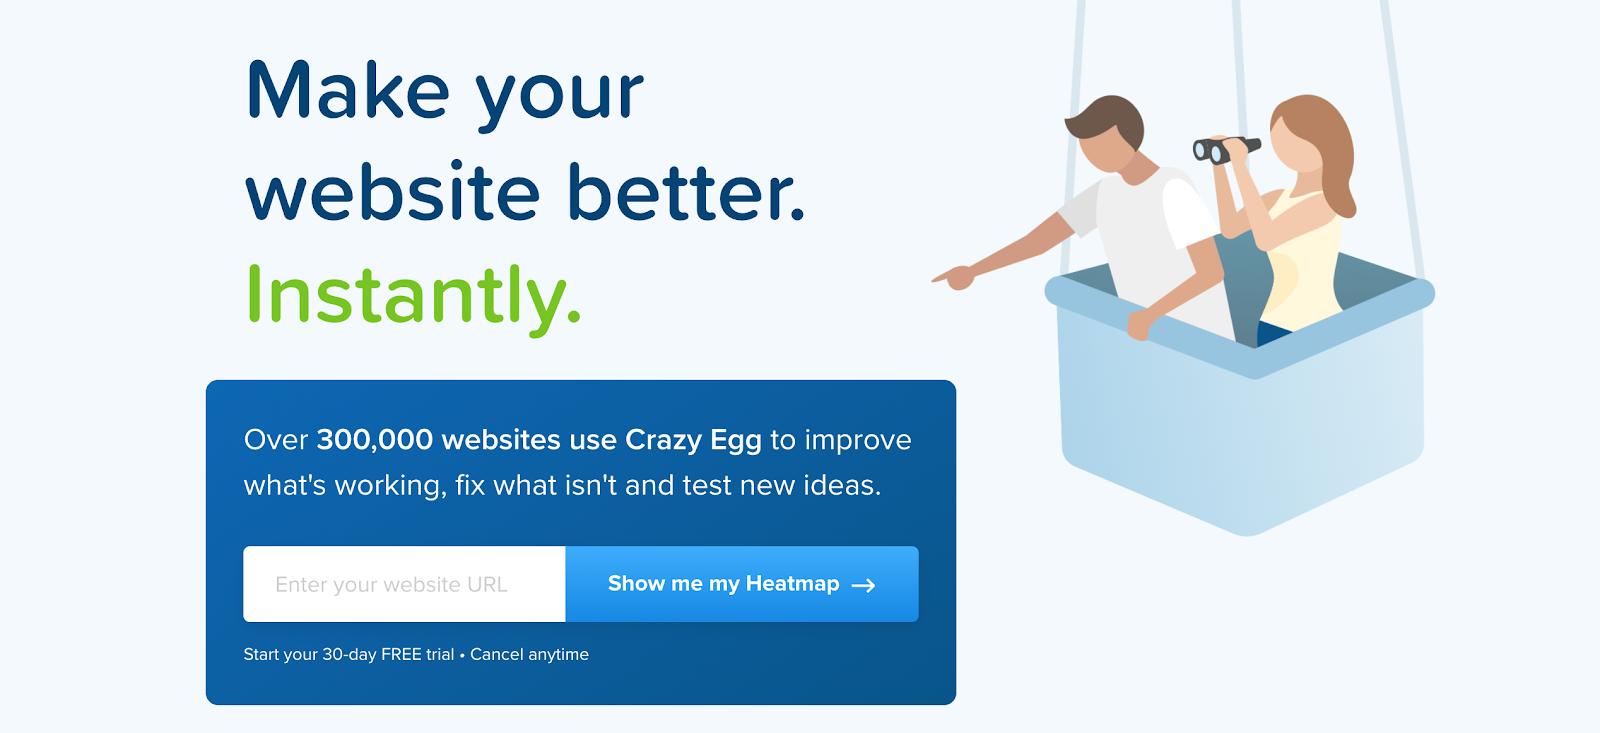 Crazt Egg smart CTA